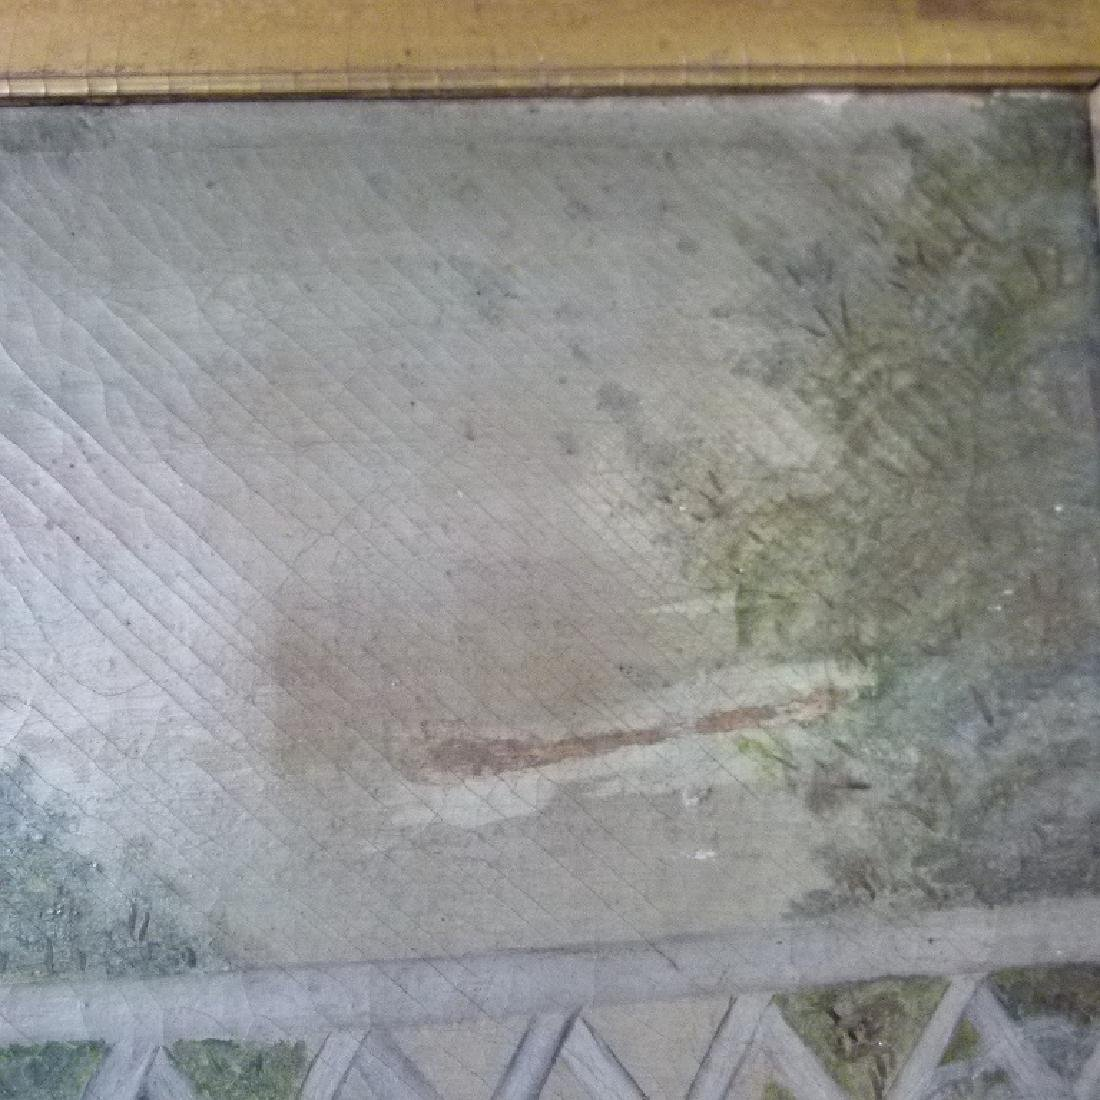 O/C FOLK ART EQUESTRIAN RIDERS UNSIGNED, C. 1850/60 - 5